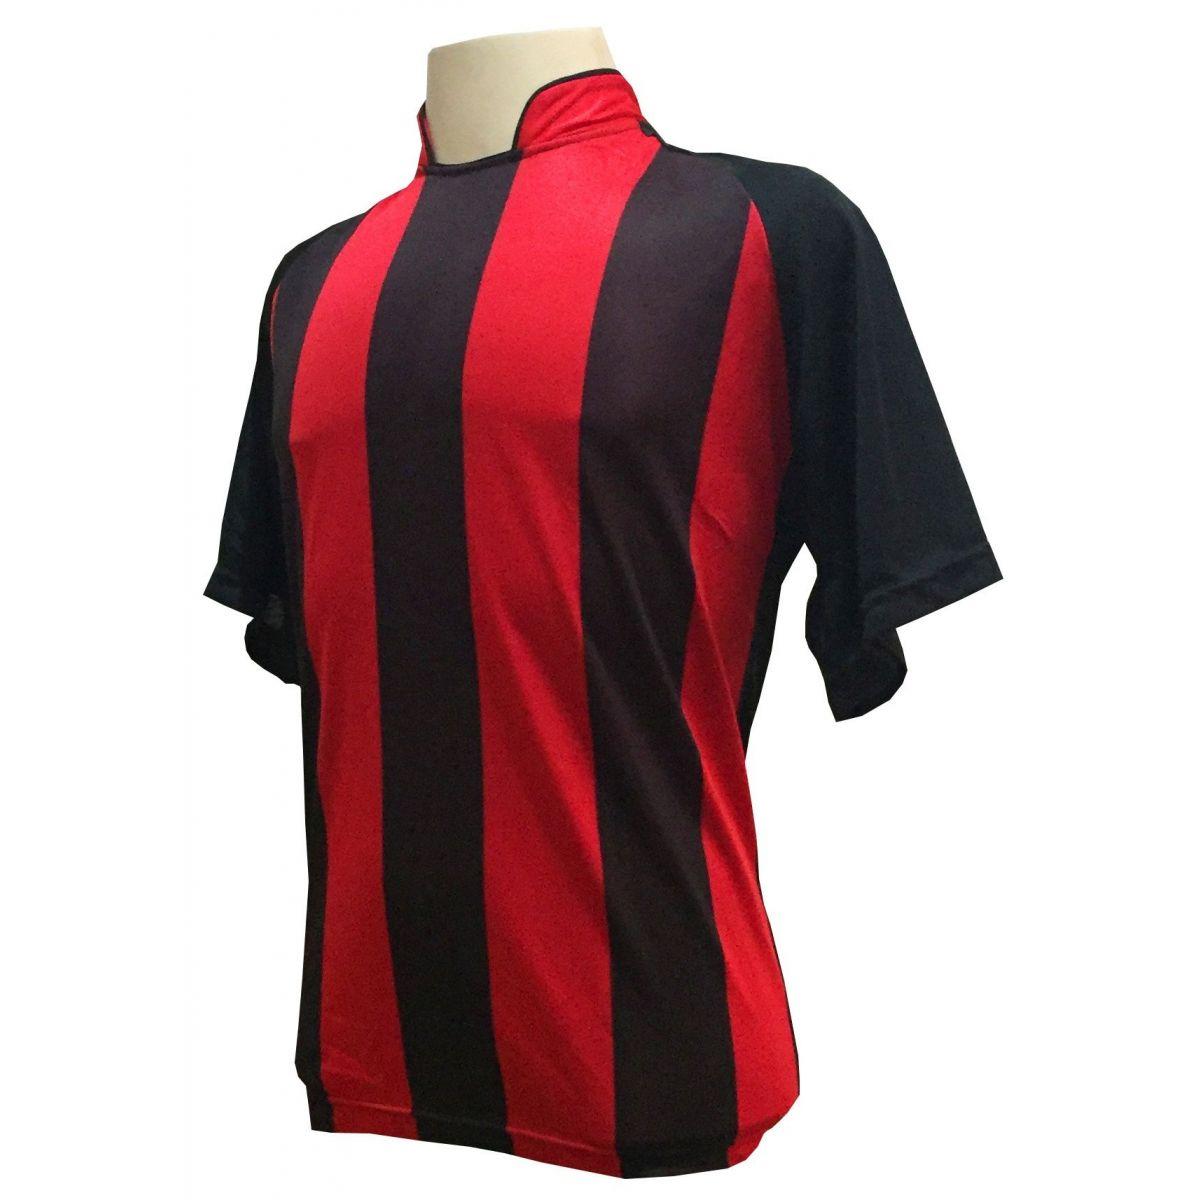 Uniforme Esportivo com 12 camisas modelo Milan Preto/Vermelho + 12 calções modelo Copa Preto/Vermelho + Brindes